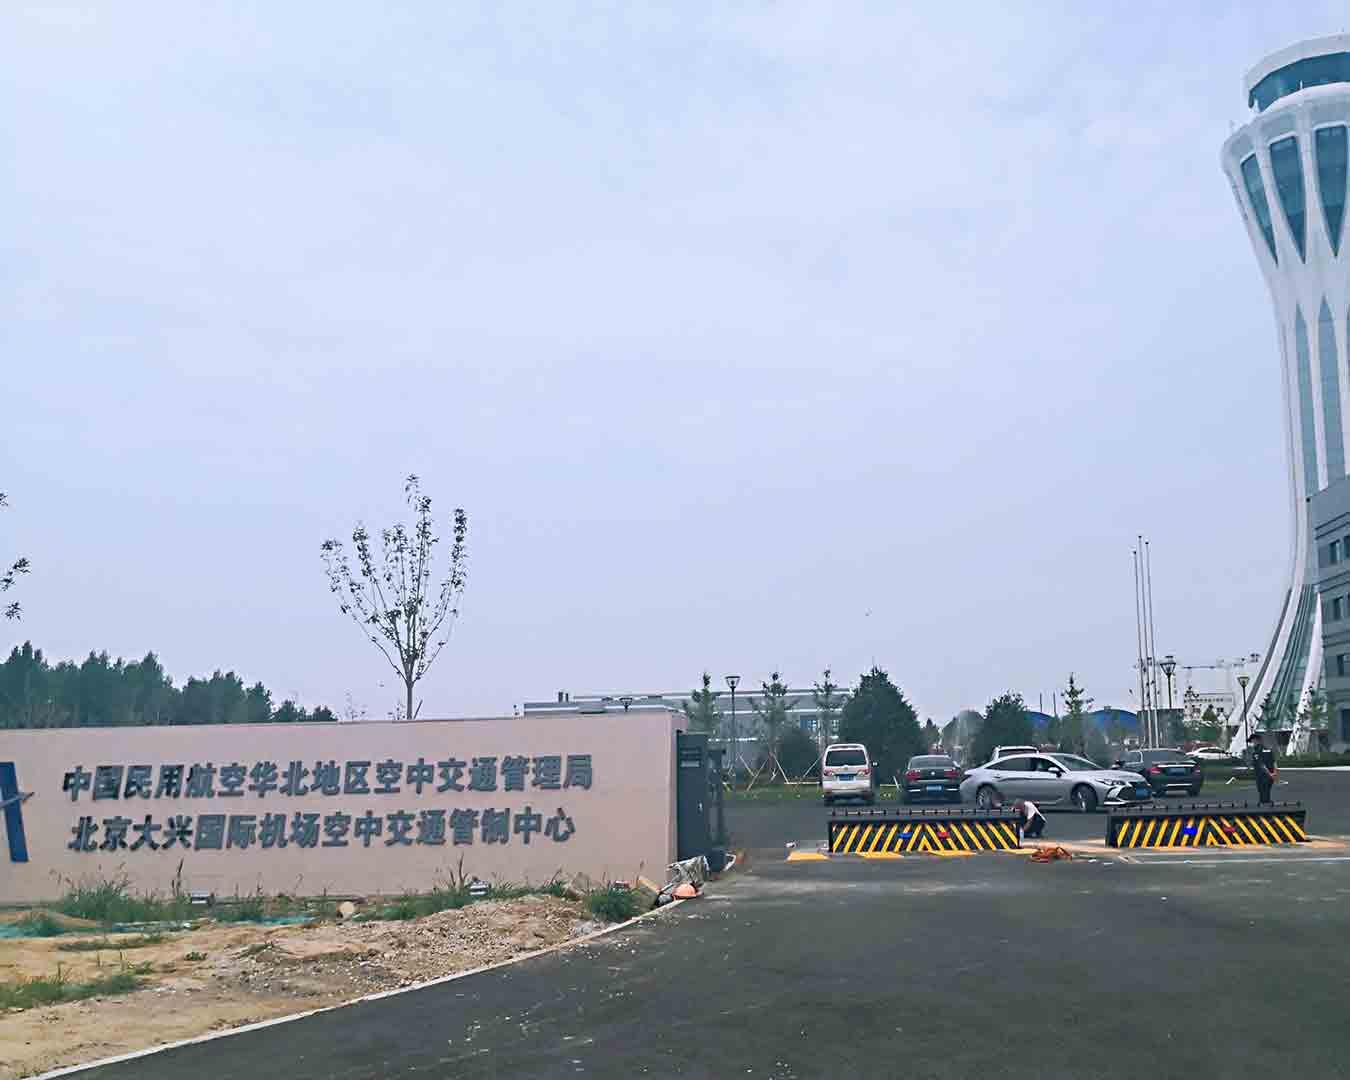 北京大兴机场空中交通管理局